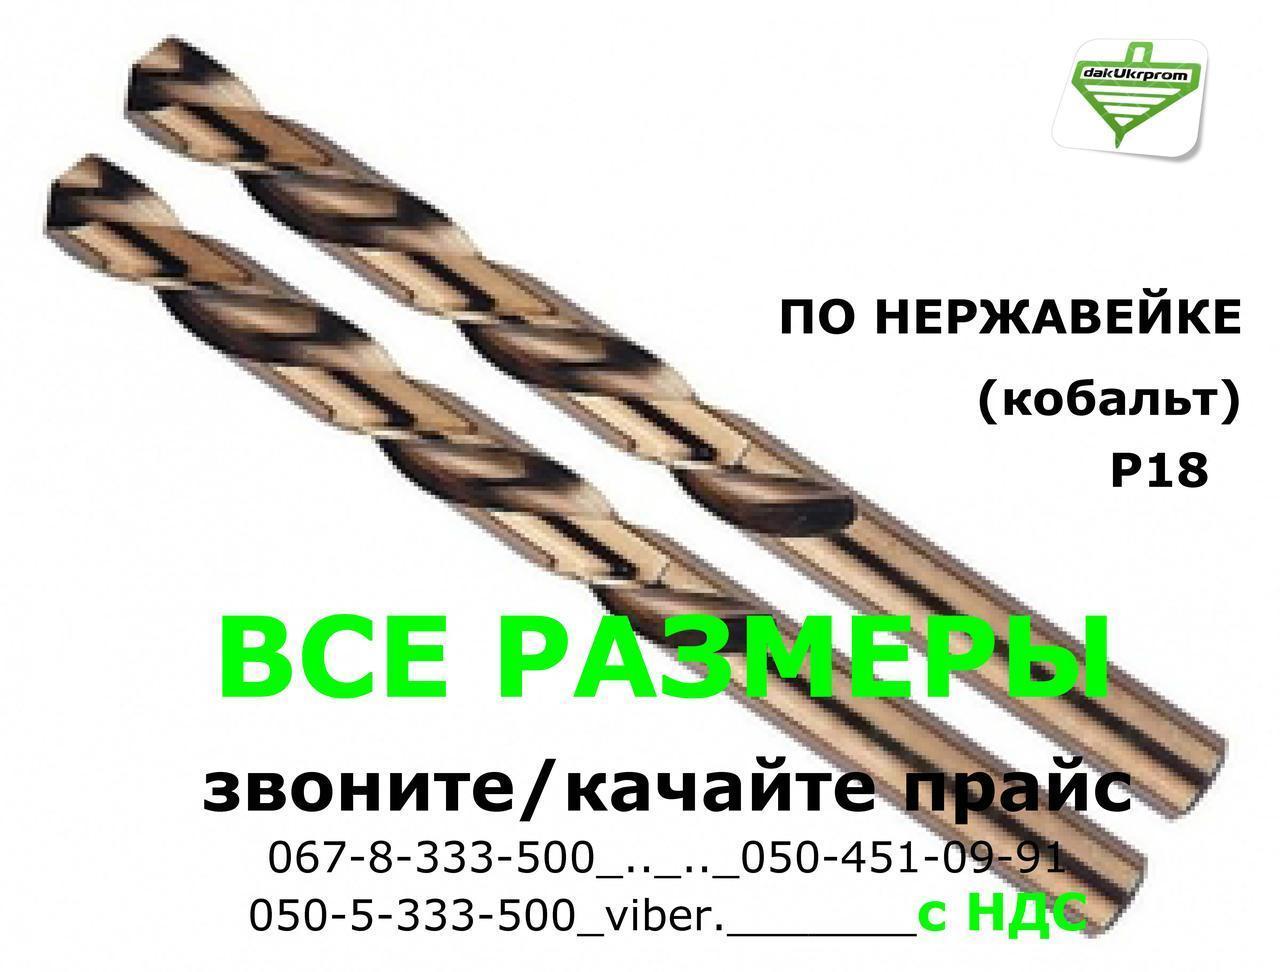 Сверло по нержавейке Р18 - 4,2 мм, (кобальт) промышленного назначения ГОСТ-10902 (DIN338 G-Co)